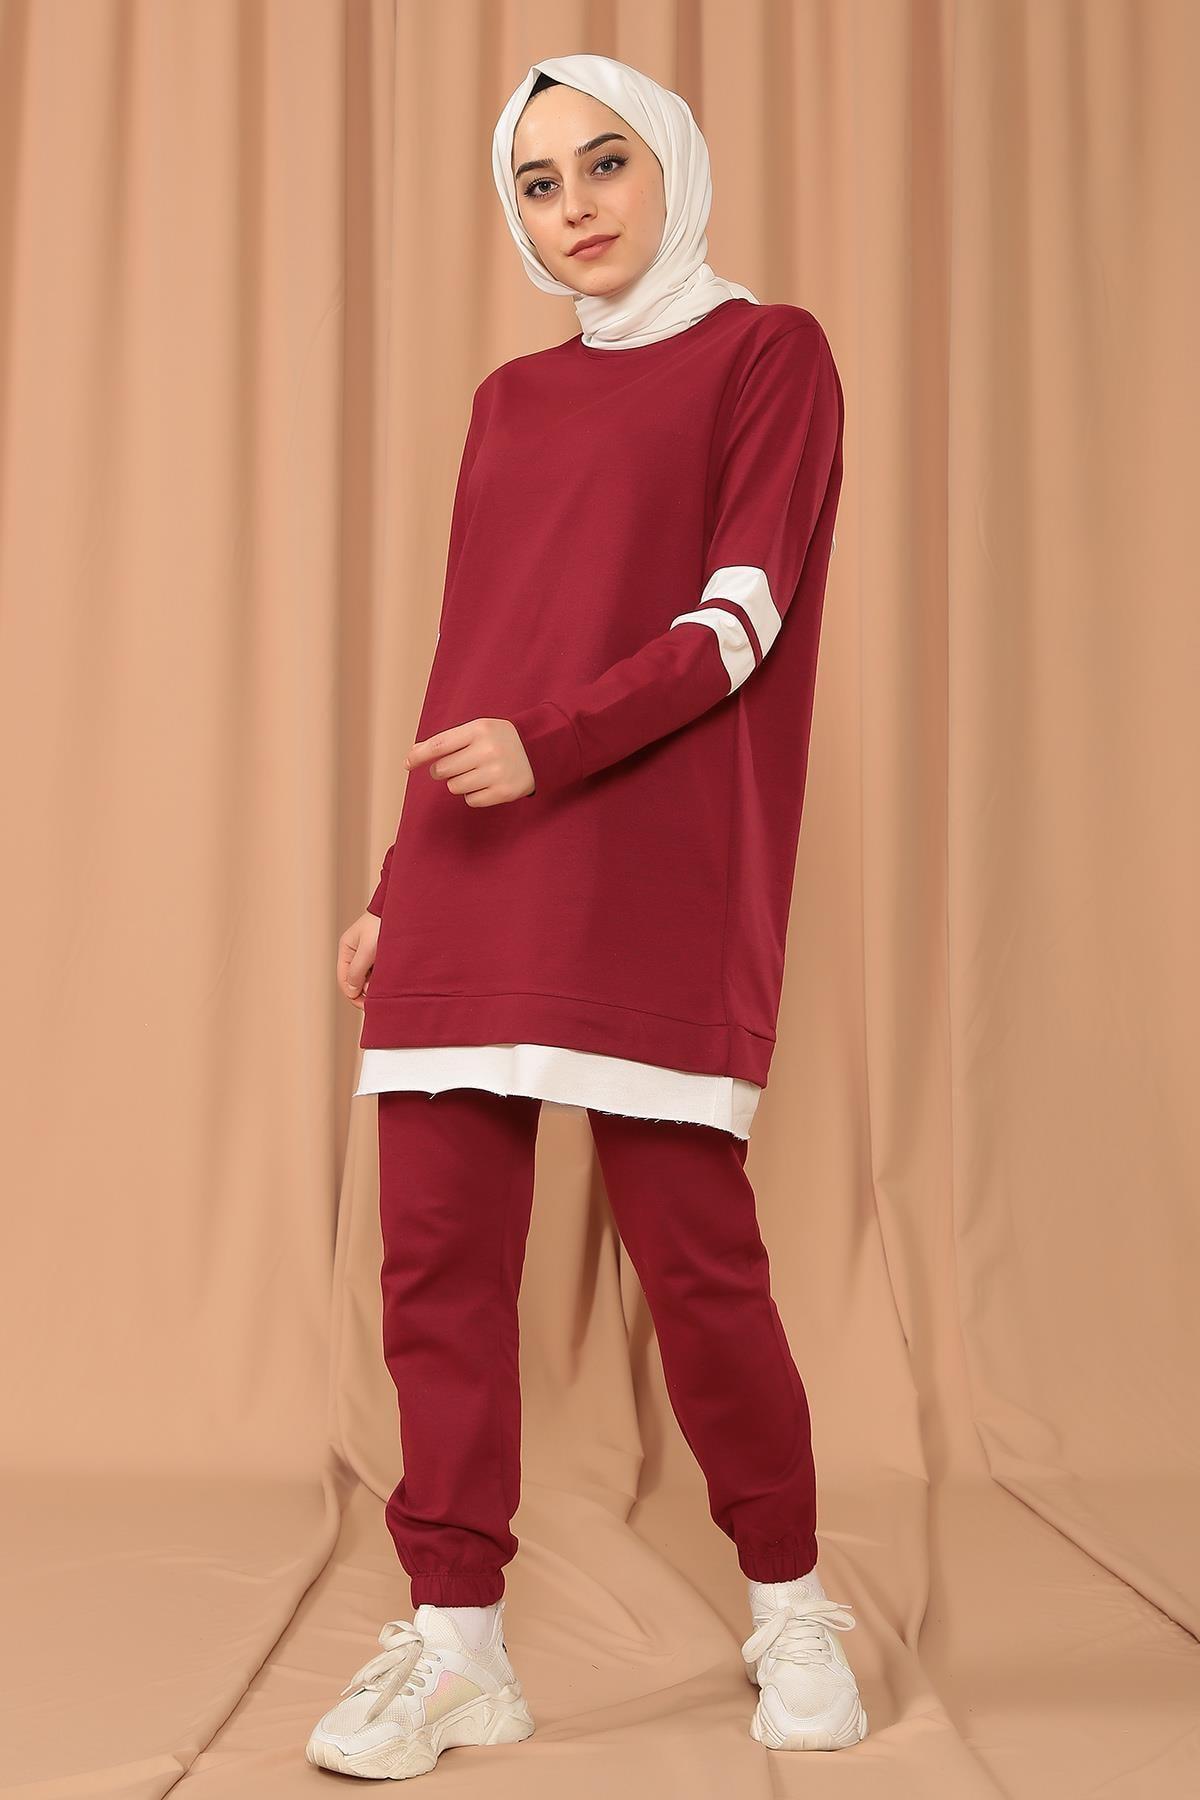 MODA GÜLAY Kolları Şeritli Salaş Pantalonlu Takım 2